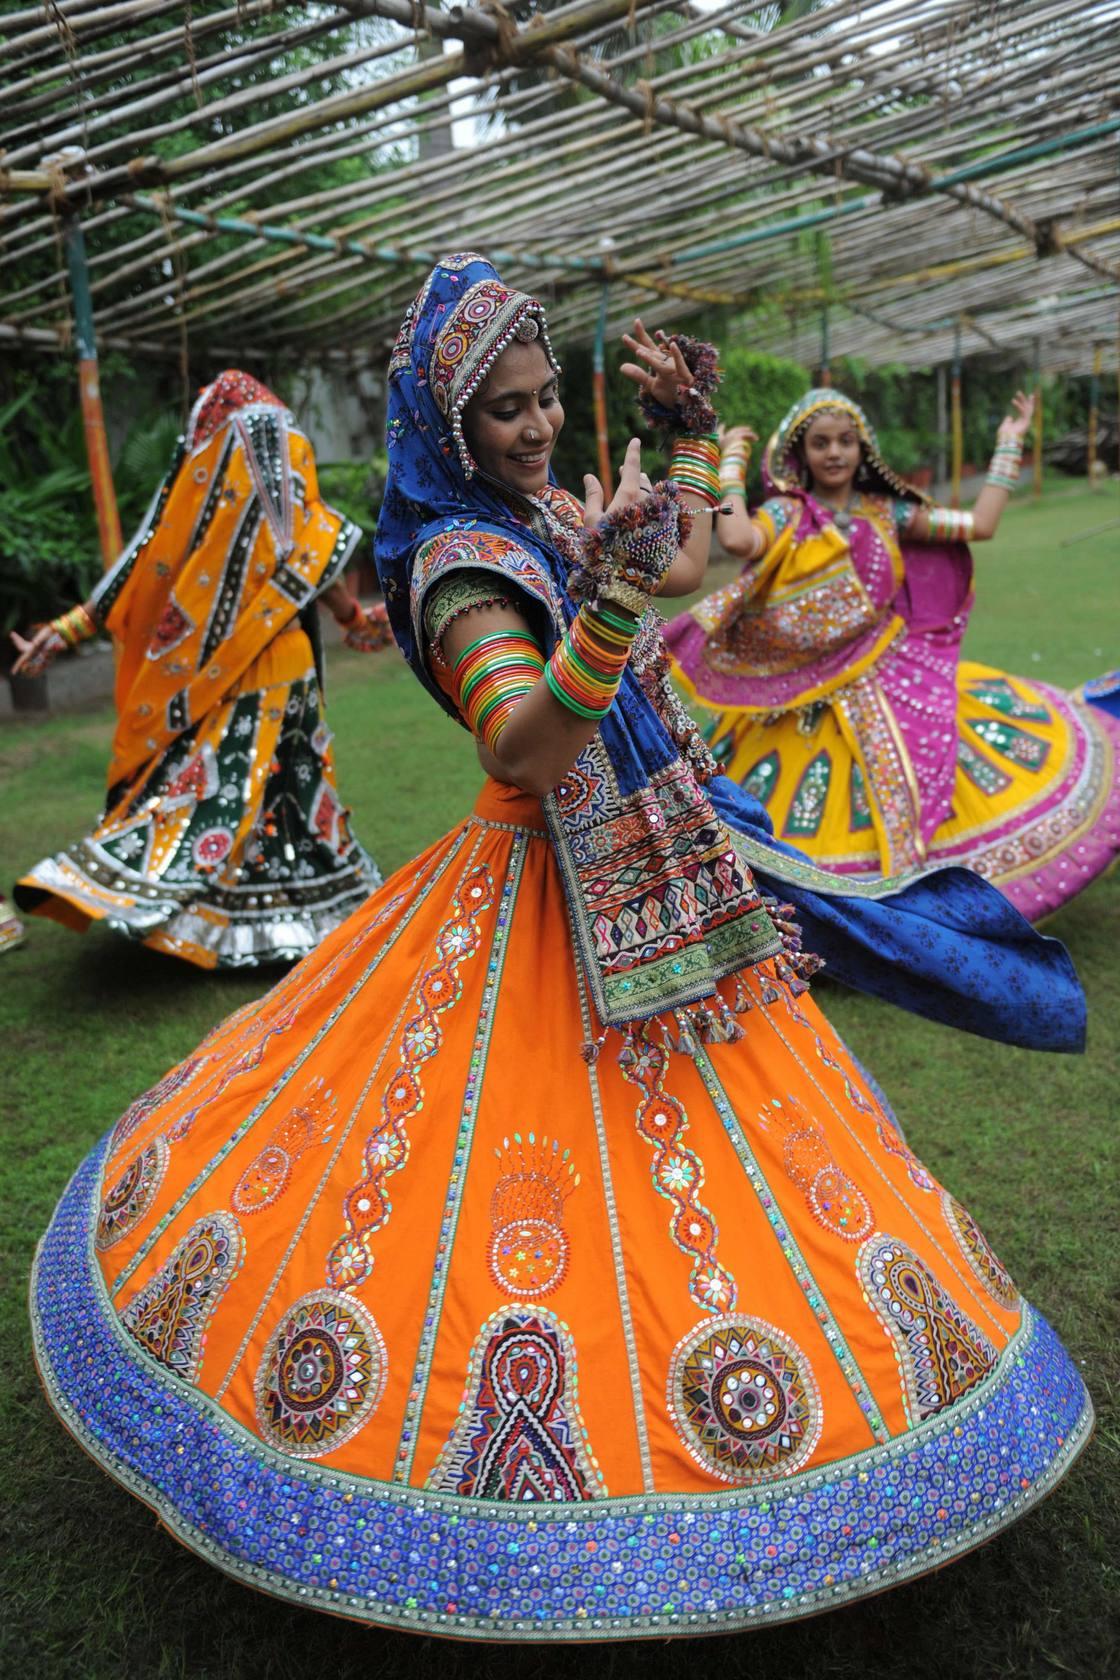 Garba is Indian folk dance from the region of Gujarat, is